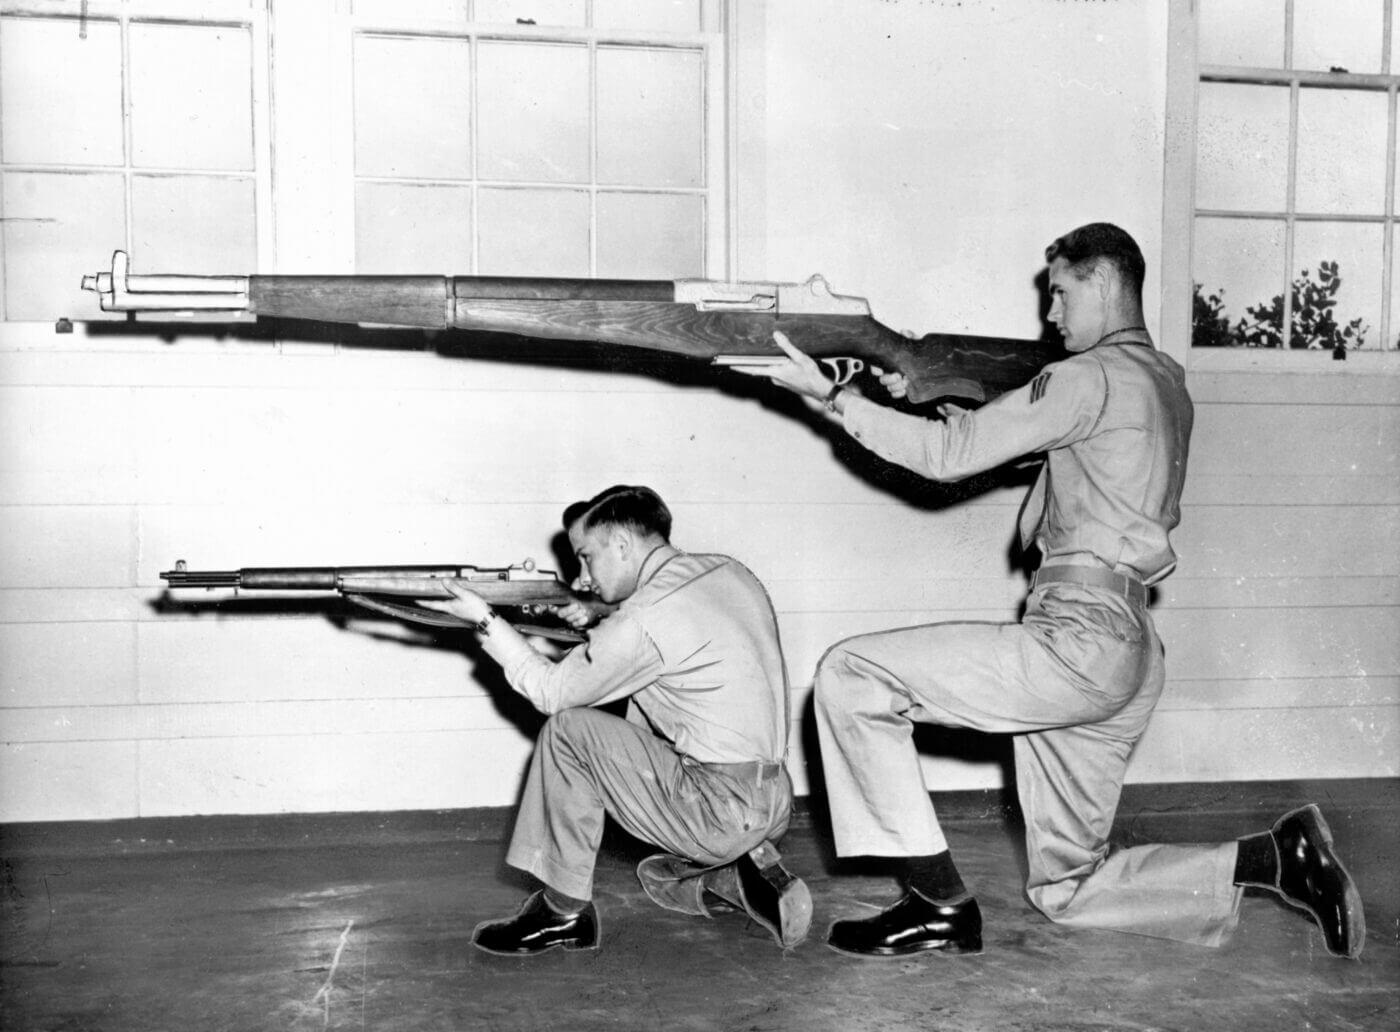 M24 Training Aid rifle